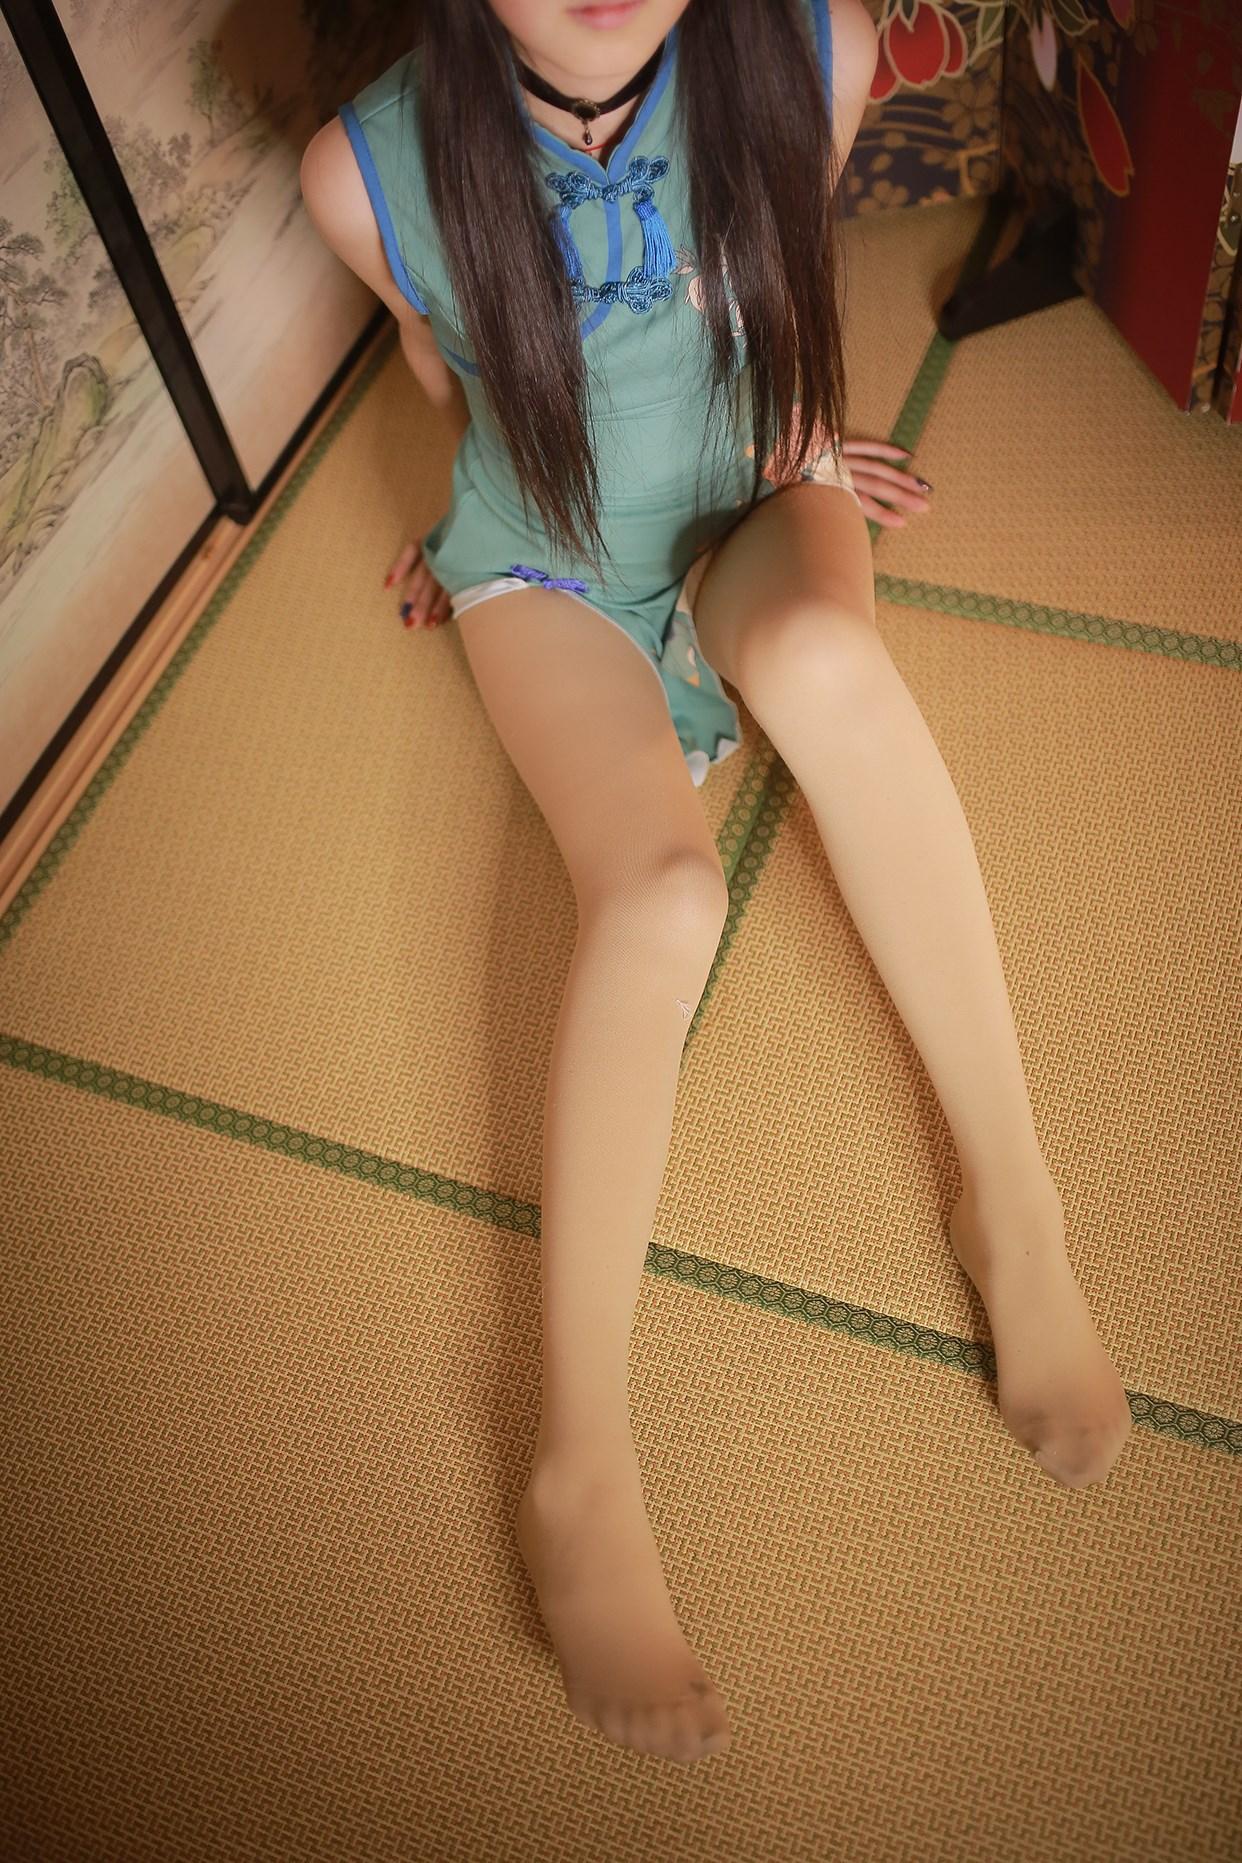 【兔玩映画】伞下的旗袍少女 兔玩映画 第4张